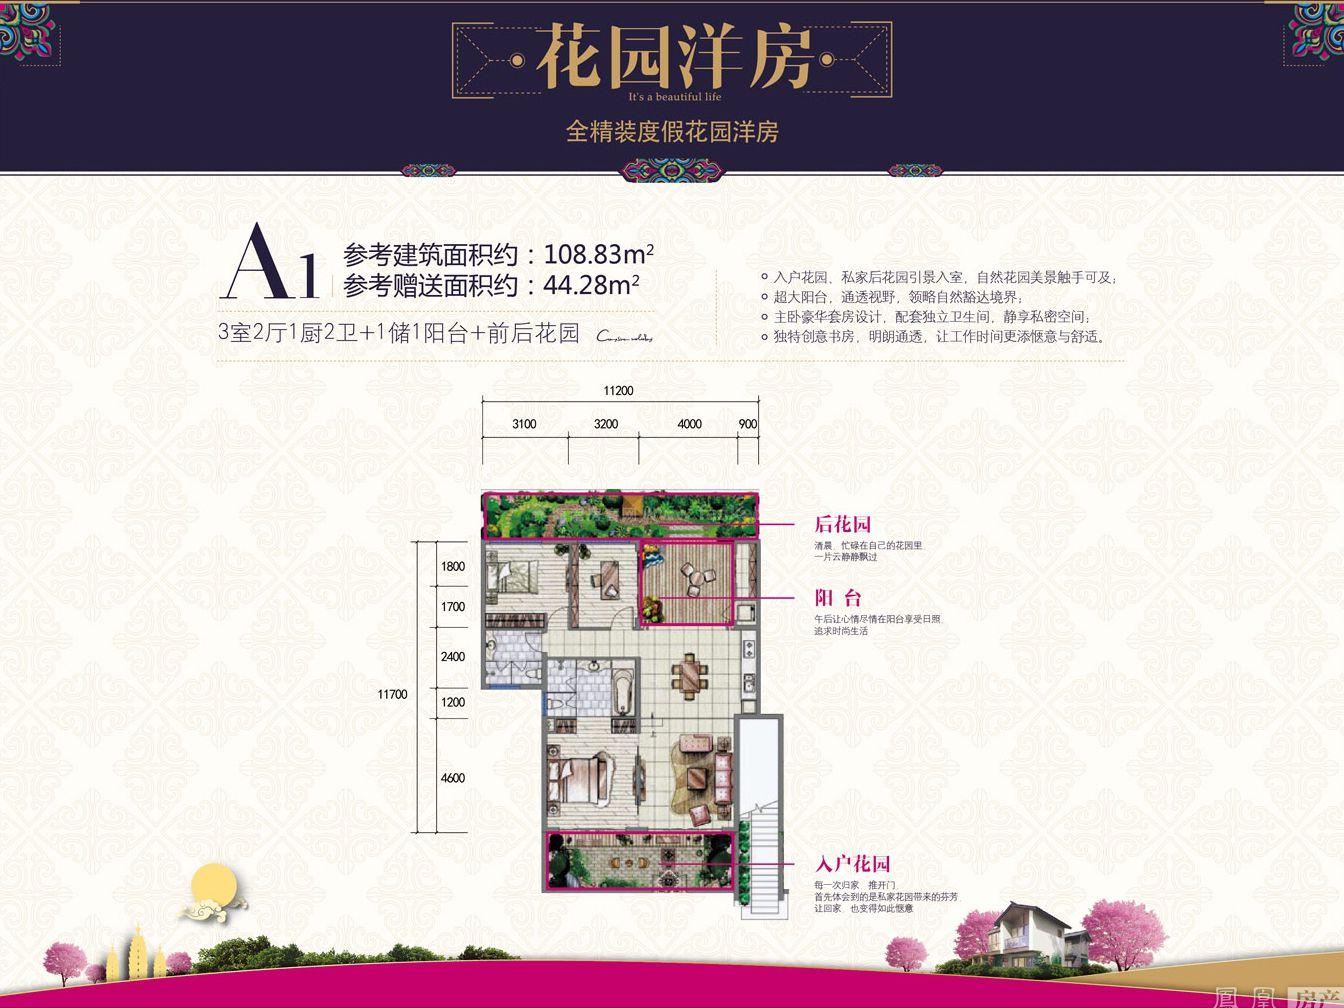 北区花园洋房A1户型 3室2厅1厨2卫1储1阳台+前后花园 建面108.83㎡